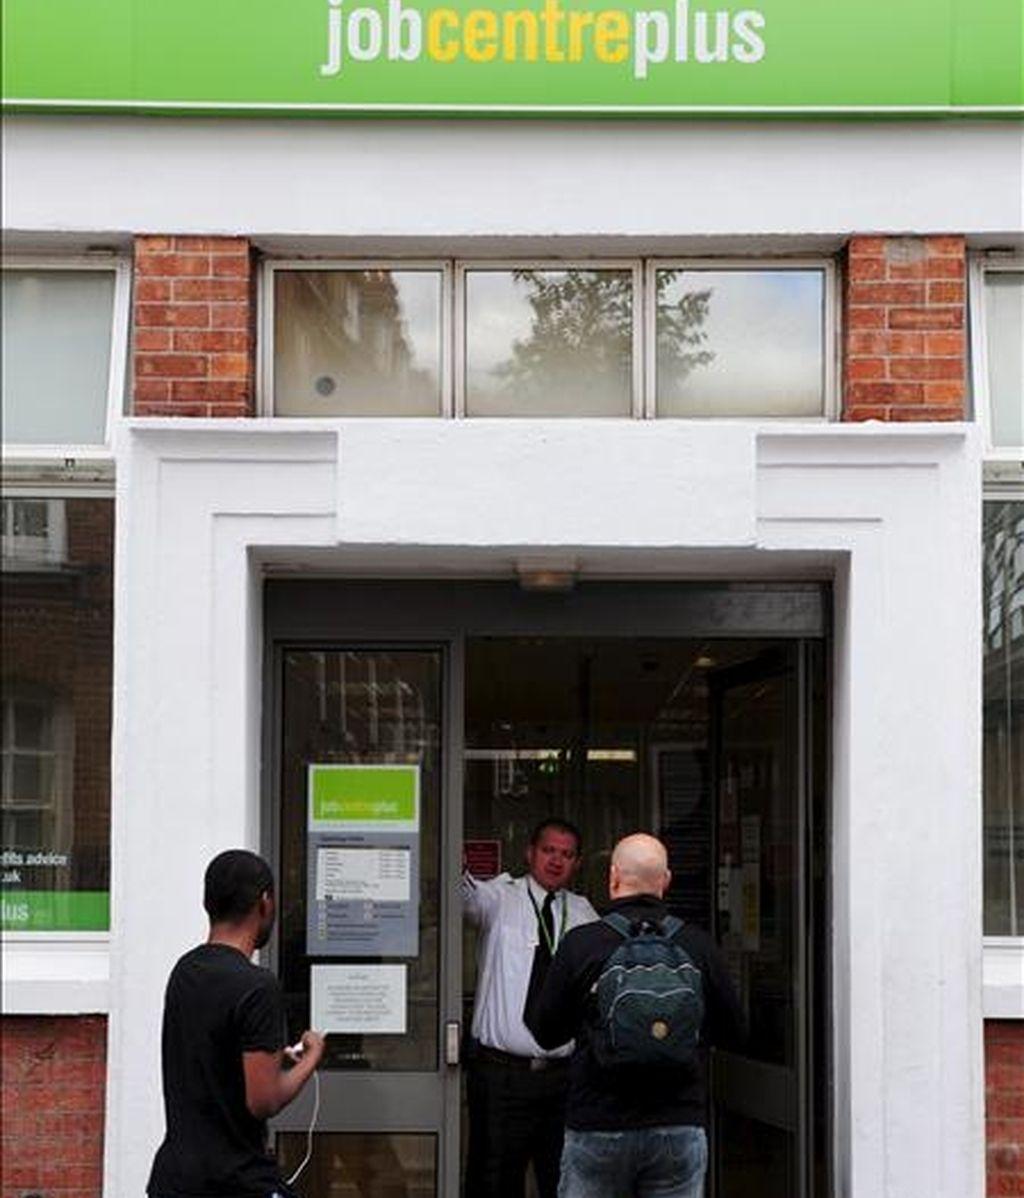 Dos hombres entran a una oficina de empleo en Chadwick Street, Westminster (Londres). EFE/Archivo